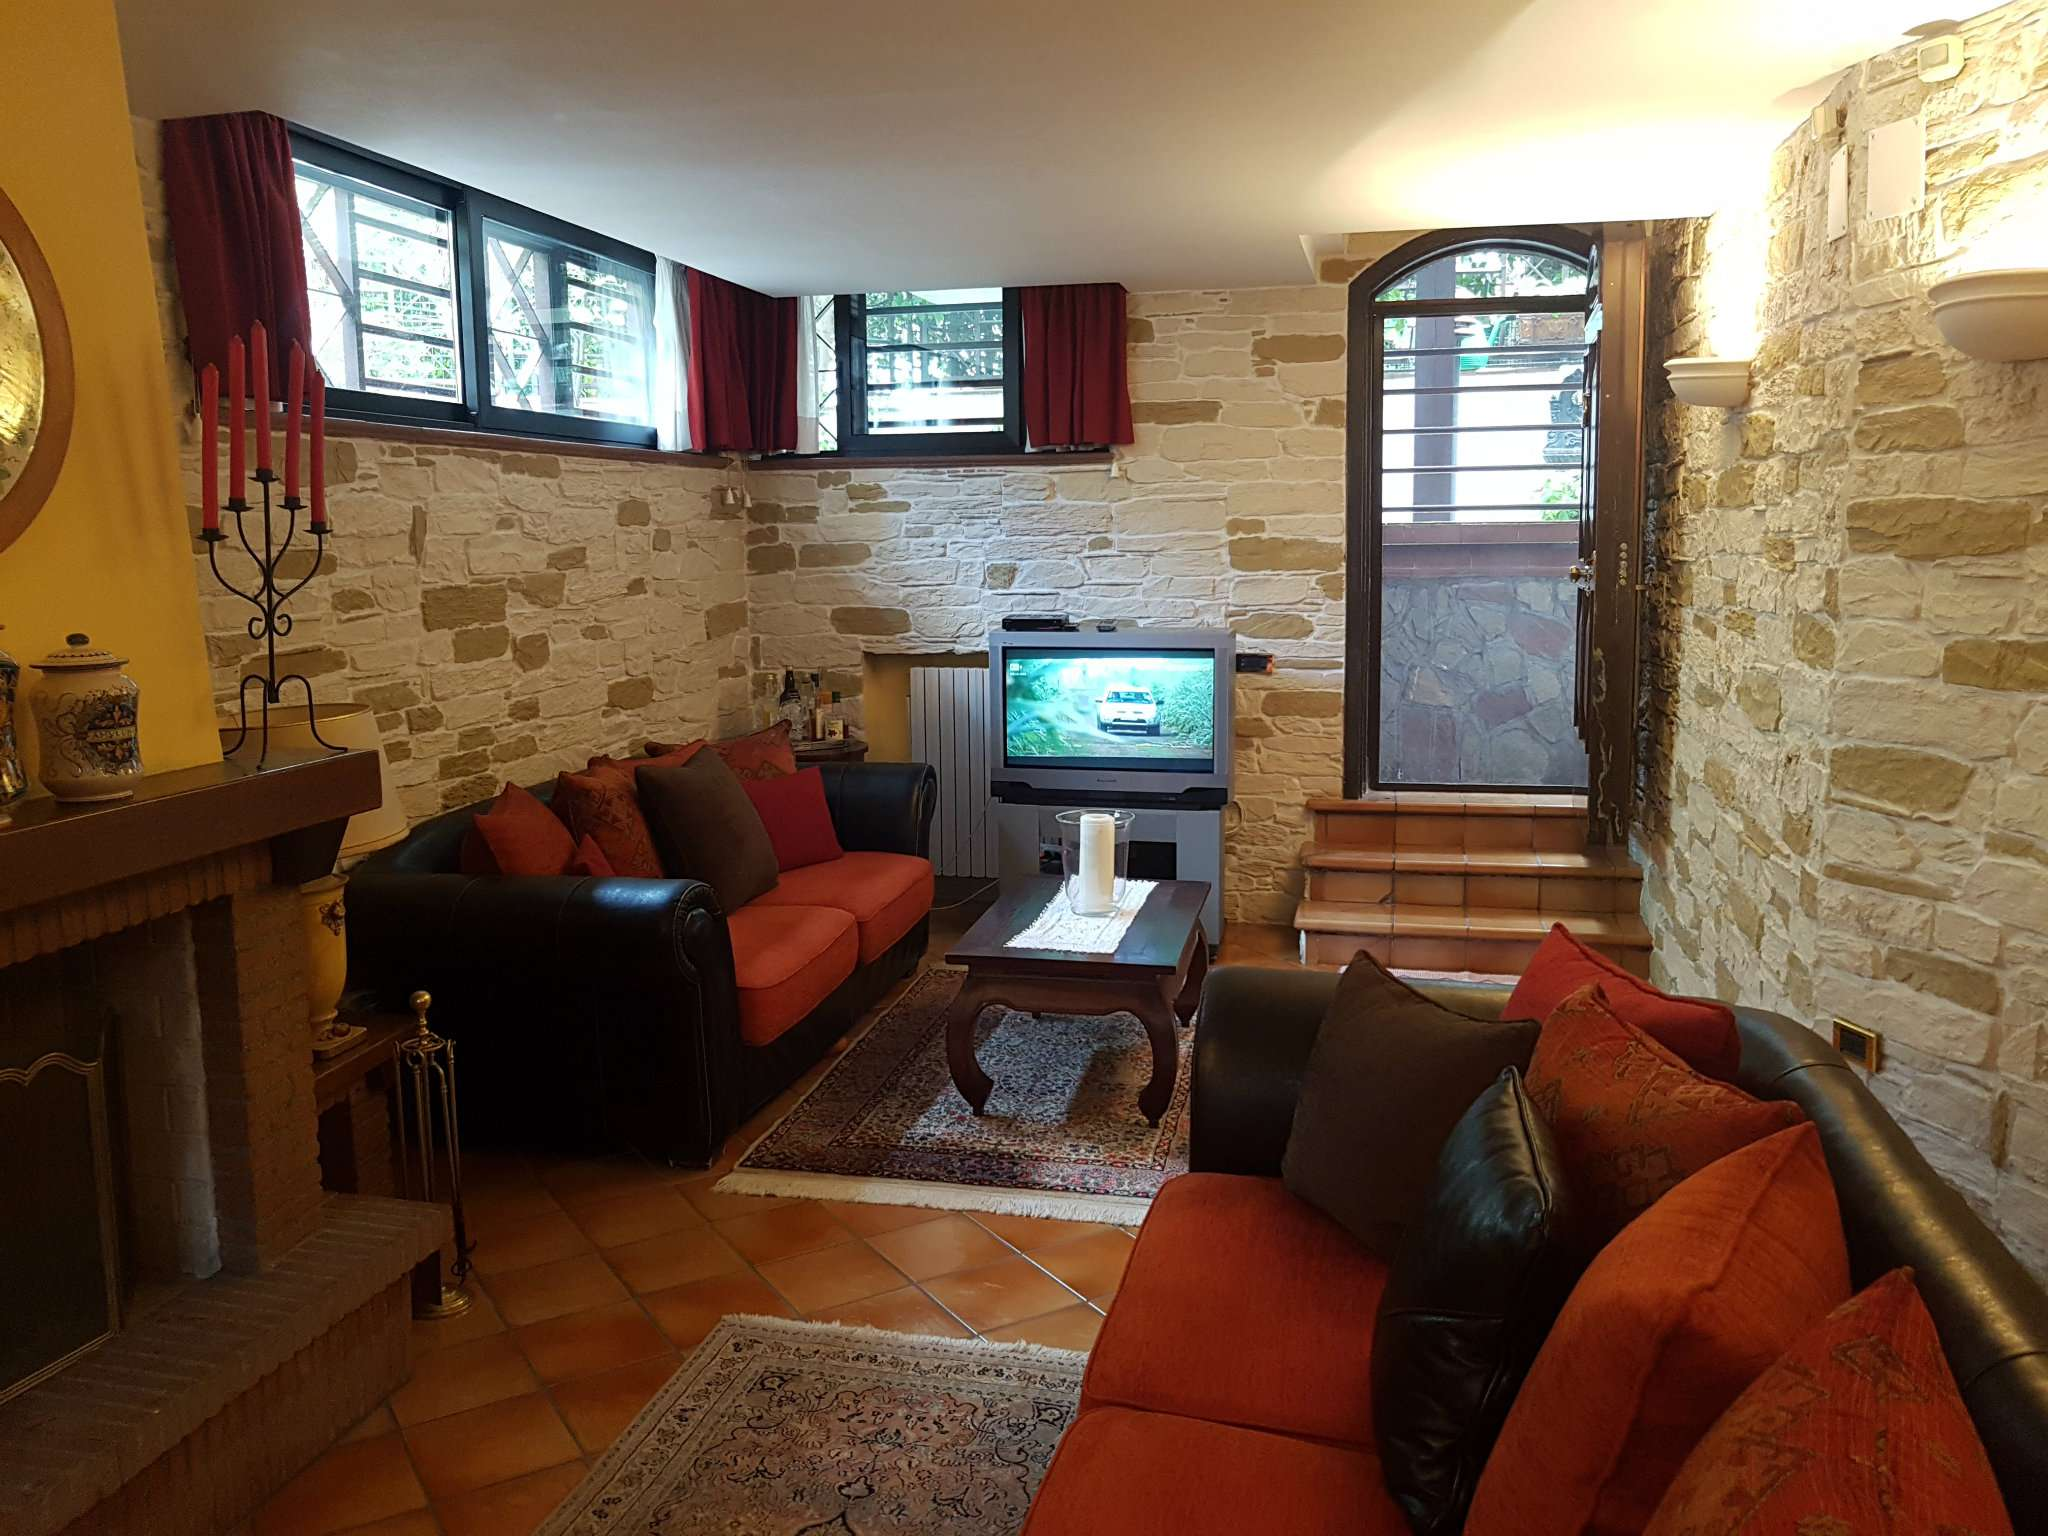 Villa Bifamiliare in vendita a Melito di Napoli, 4 locali, prezzo € 430.000 | CambioCasa.it